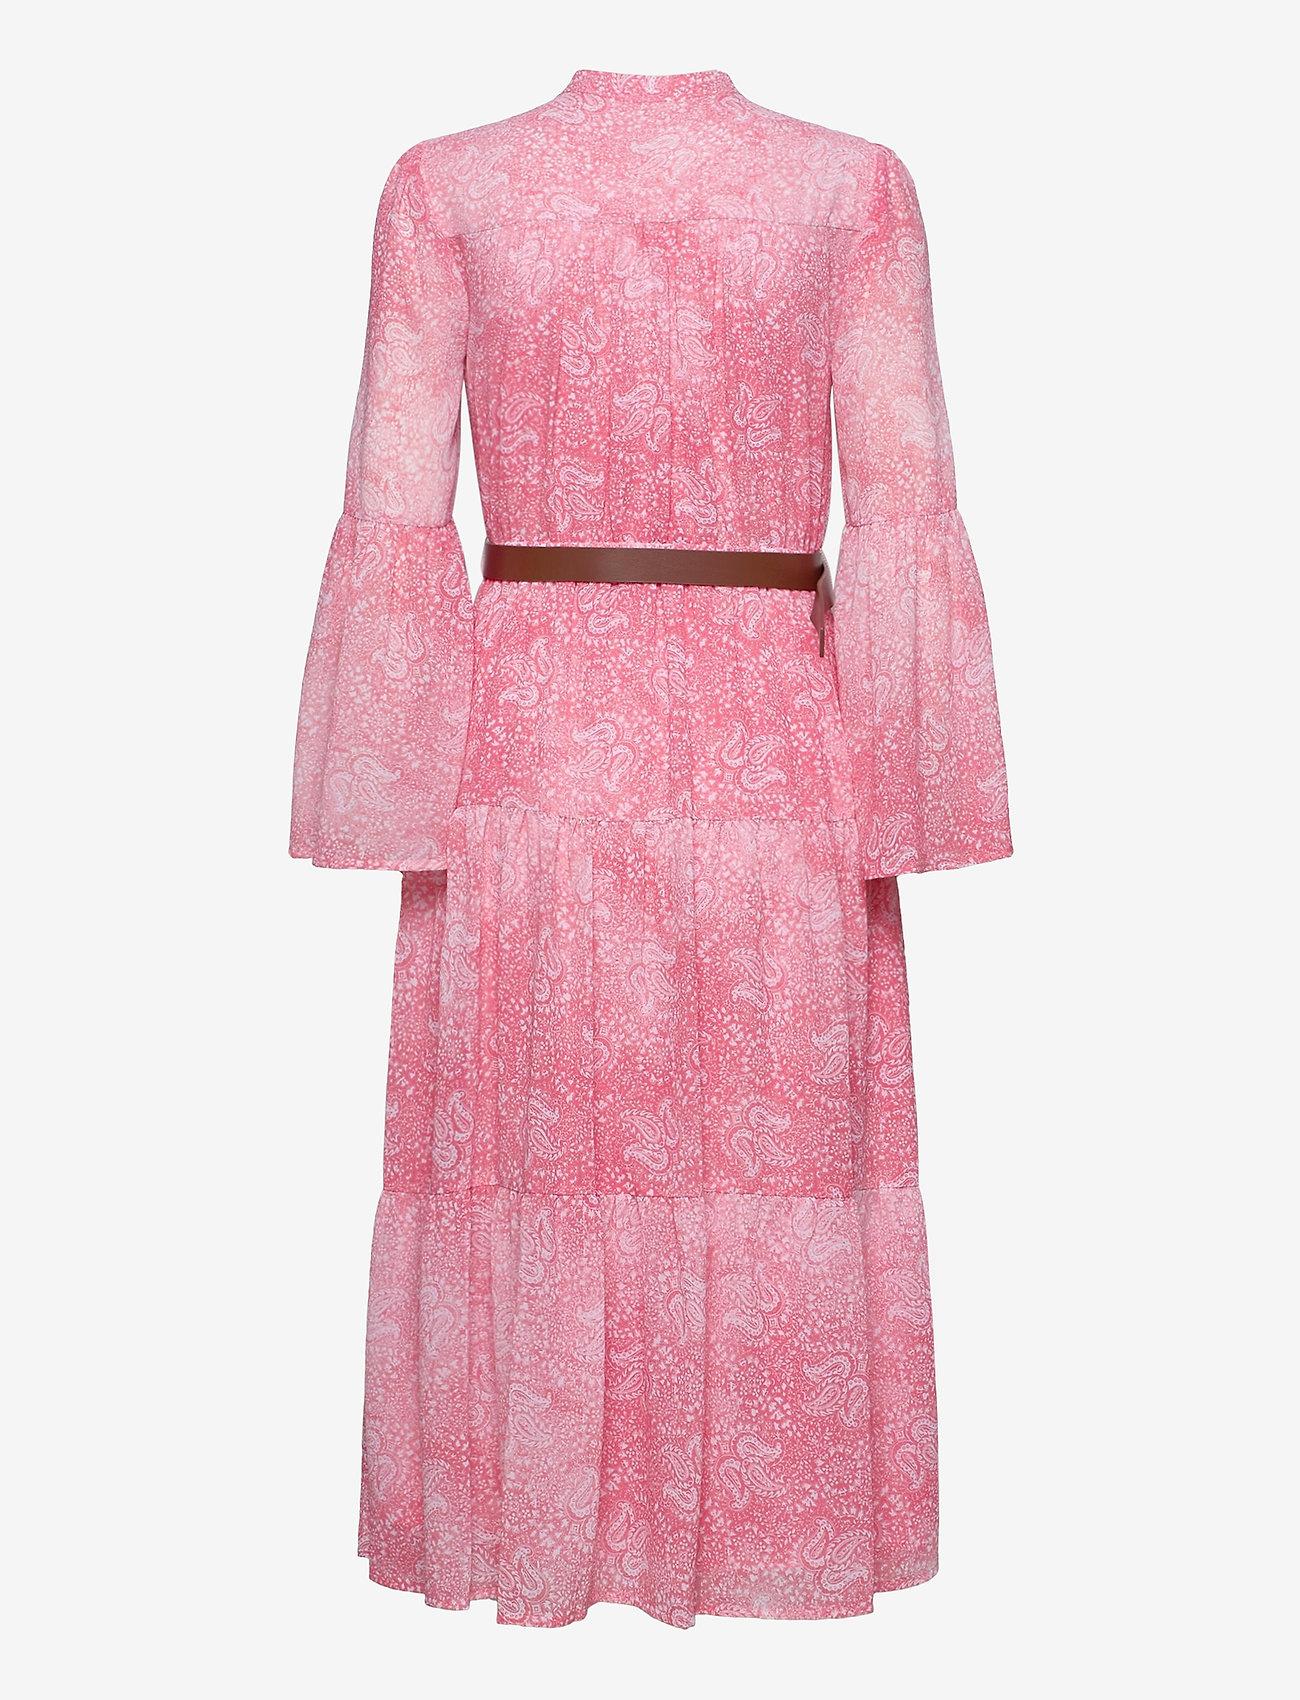 Michael Kors - SUNBLCHED MIDI DRESS - midi jurken - geranium - 1